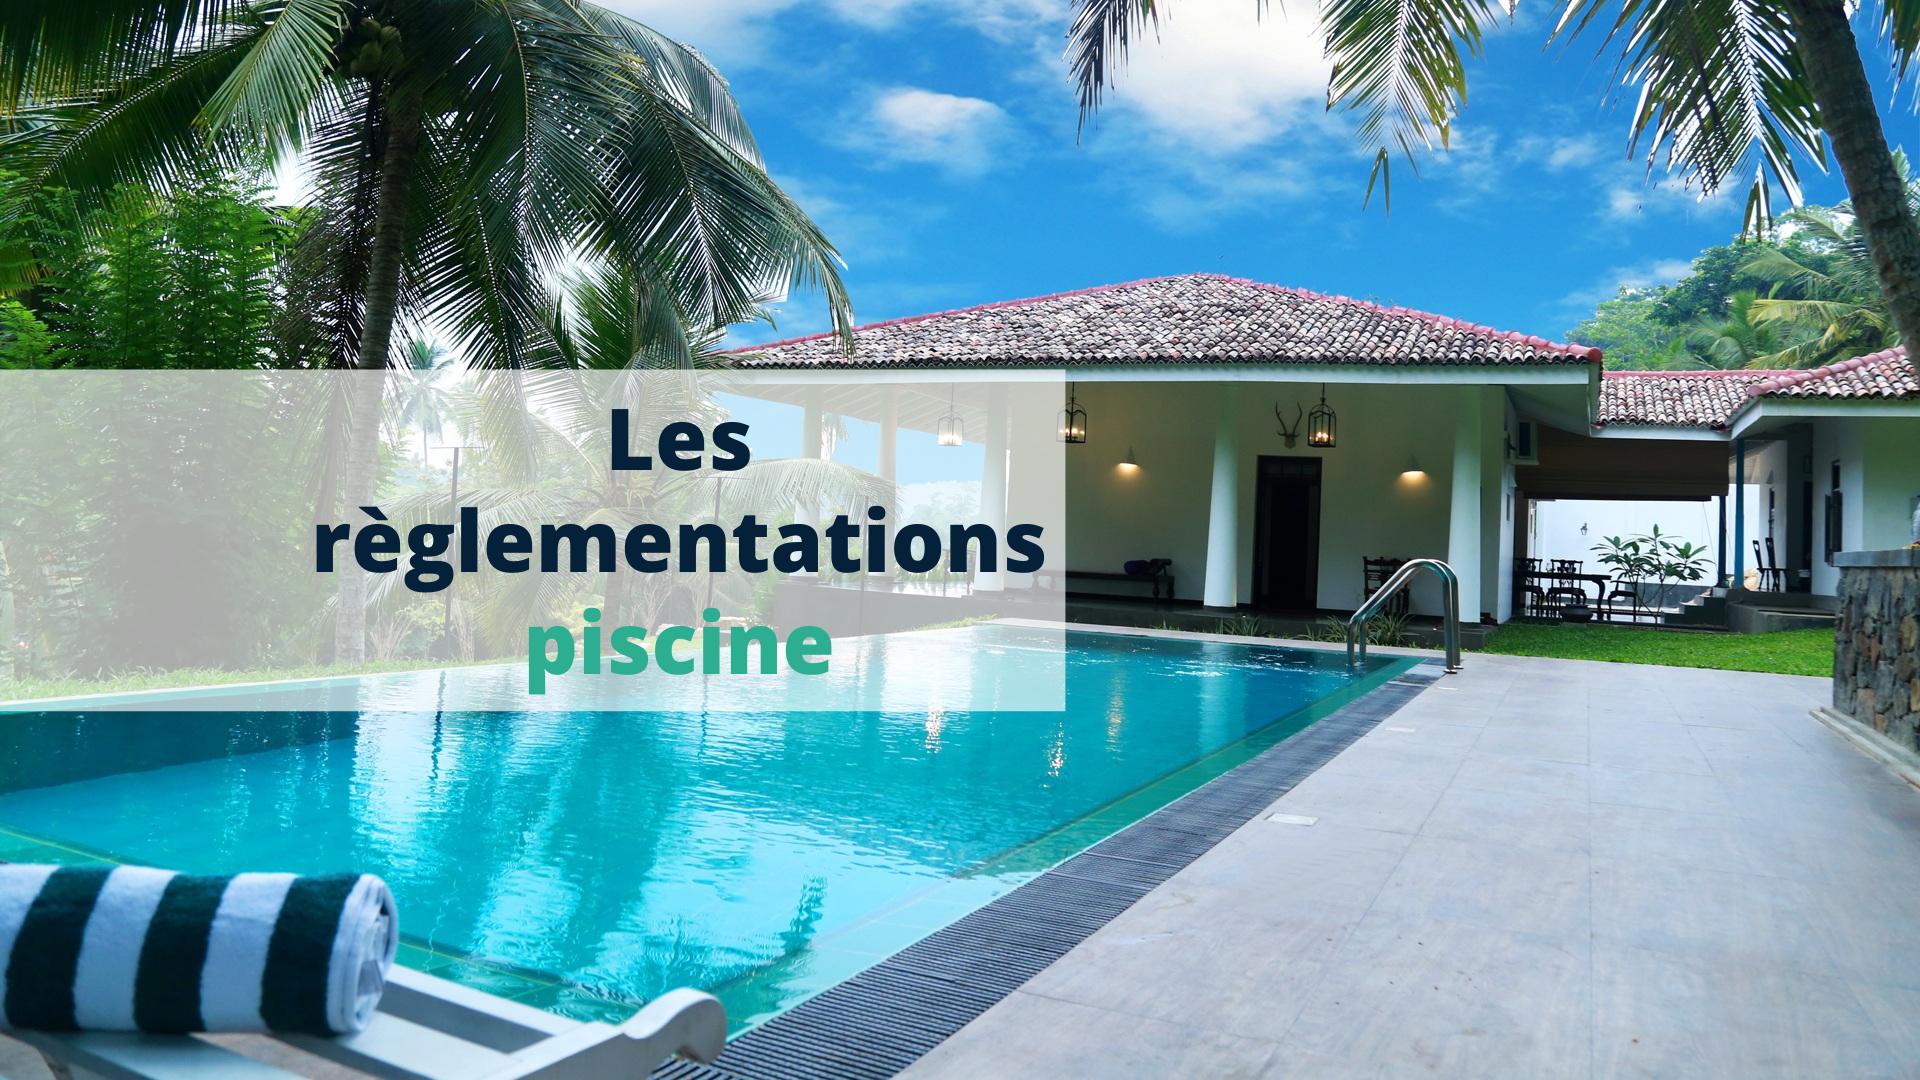 Les règlementations piscine - Start Learning